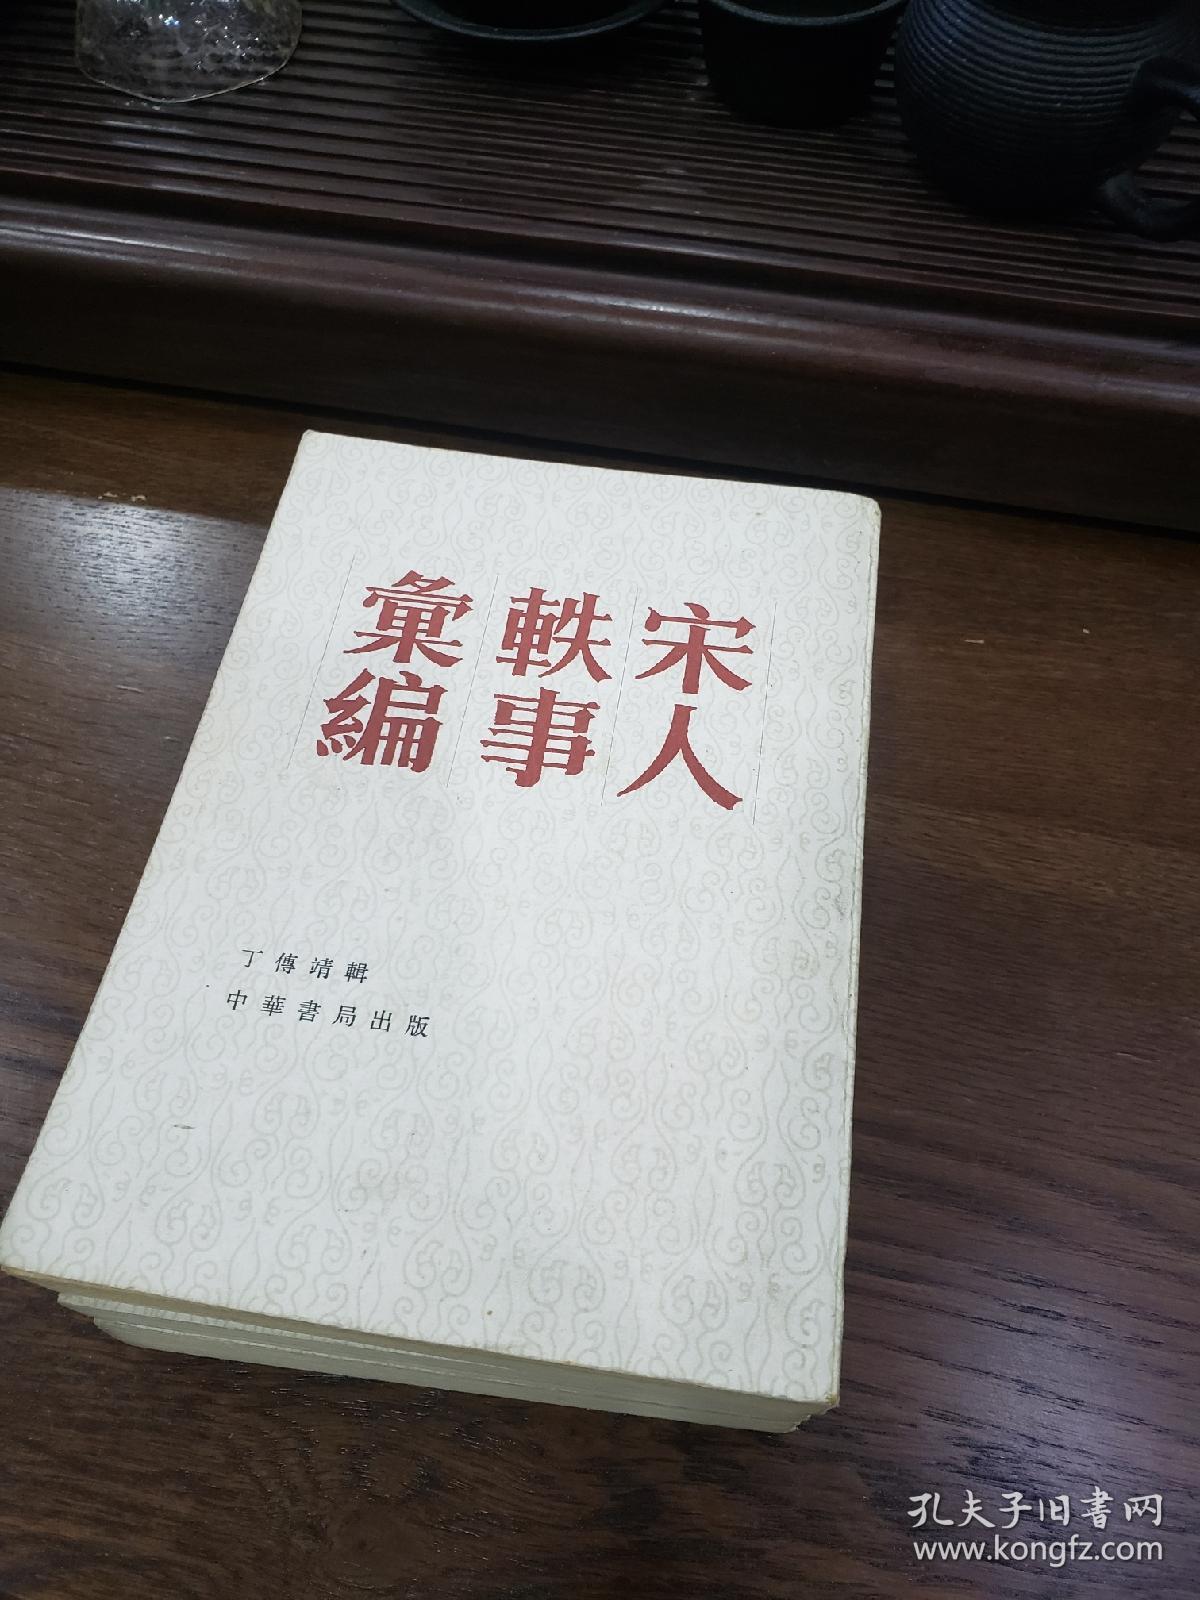 【包邮】宋人轶事汇编 (上中下)丁传靖本 一版一印 品上佳